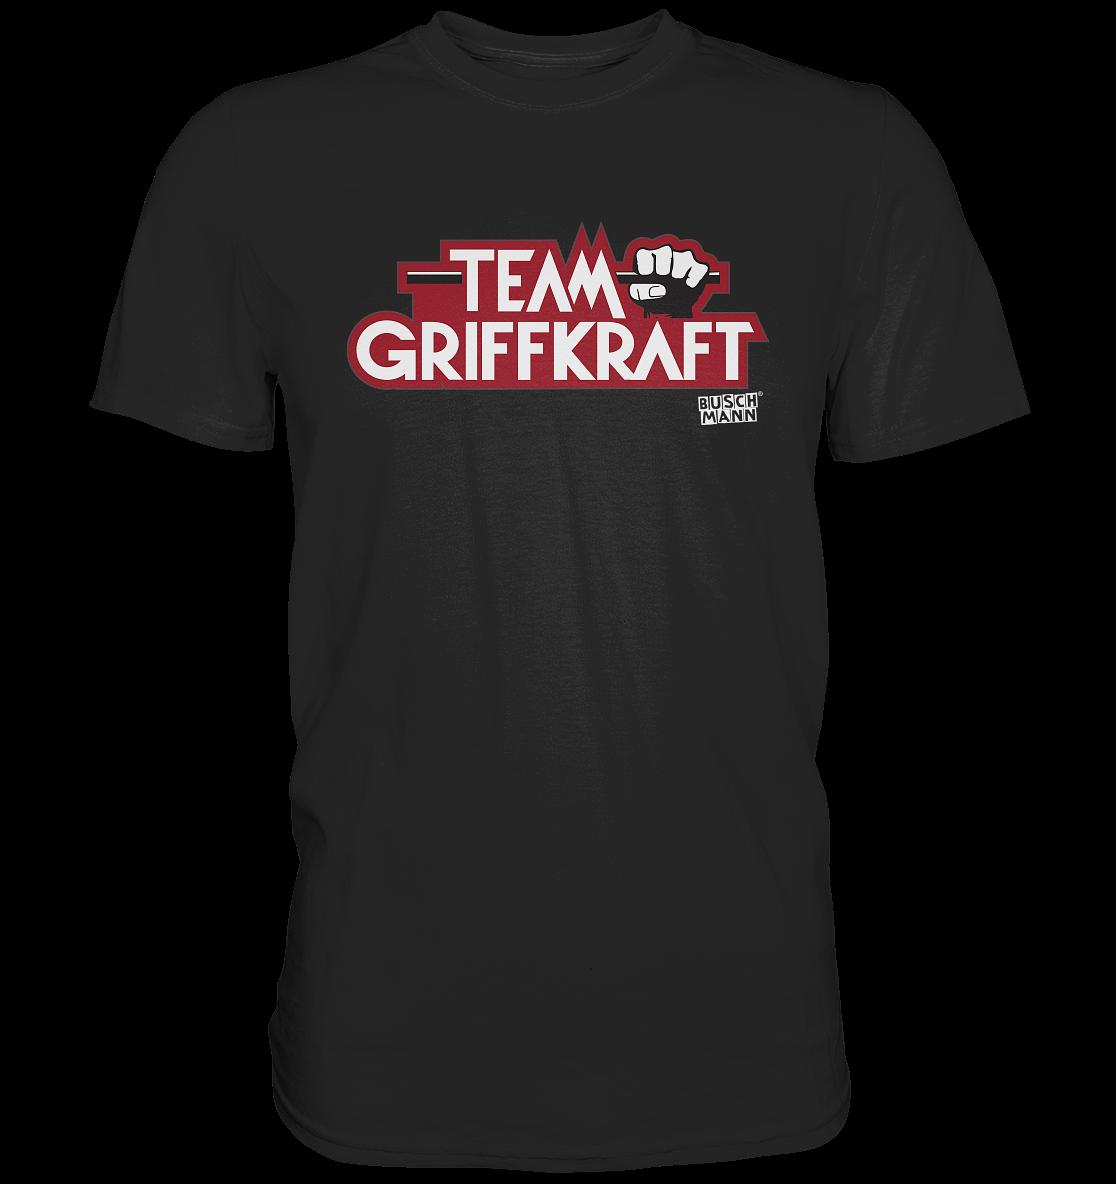 Team Griffkraft Premium Shirt   €29.95  Inkl. MwSt. zzgl . Versandkosten  Lieferung: 2-7 Tage